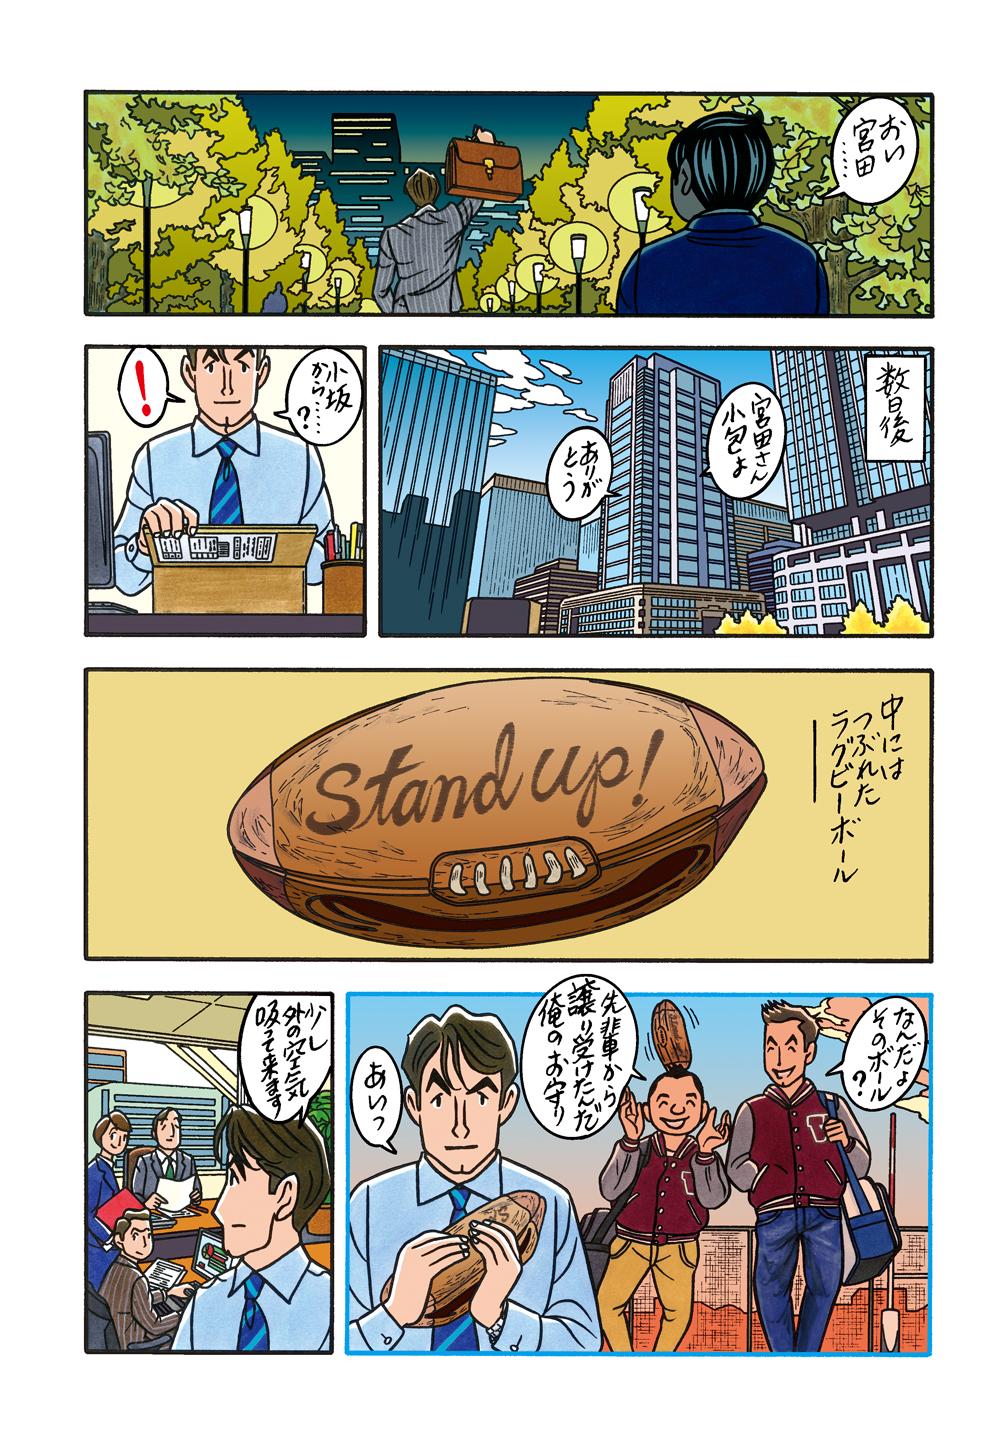 ワンダーカクテル 【第19話 stand up!】6ページ目画像